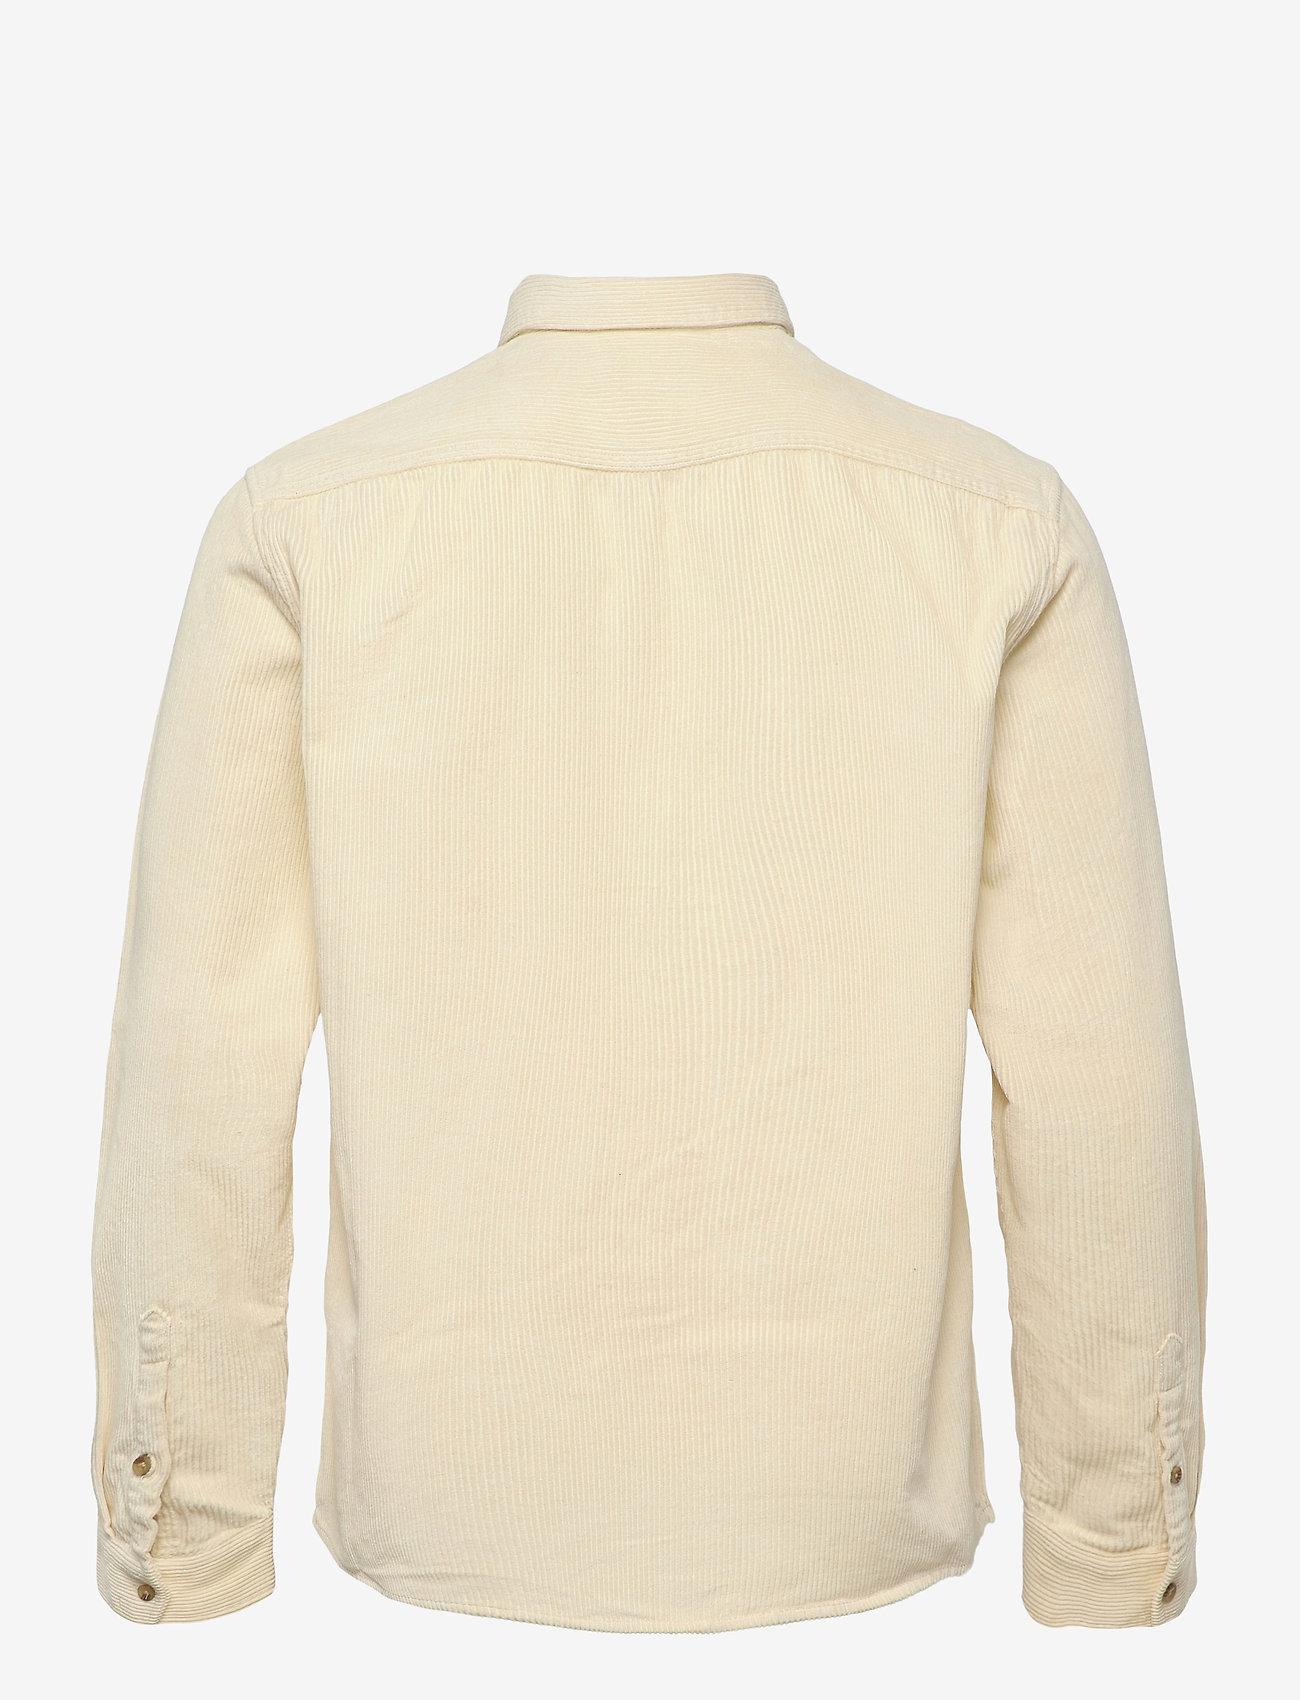 Esprit Casual Shirts woven - Jakker og frakker CREAM BEIGE - Menn Klær